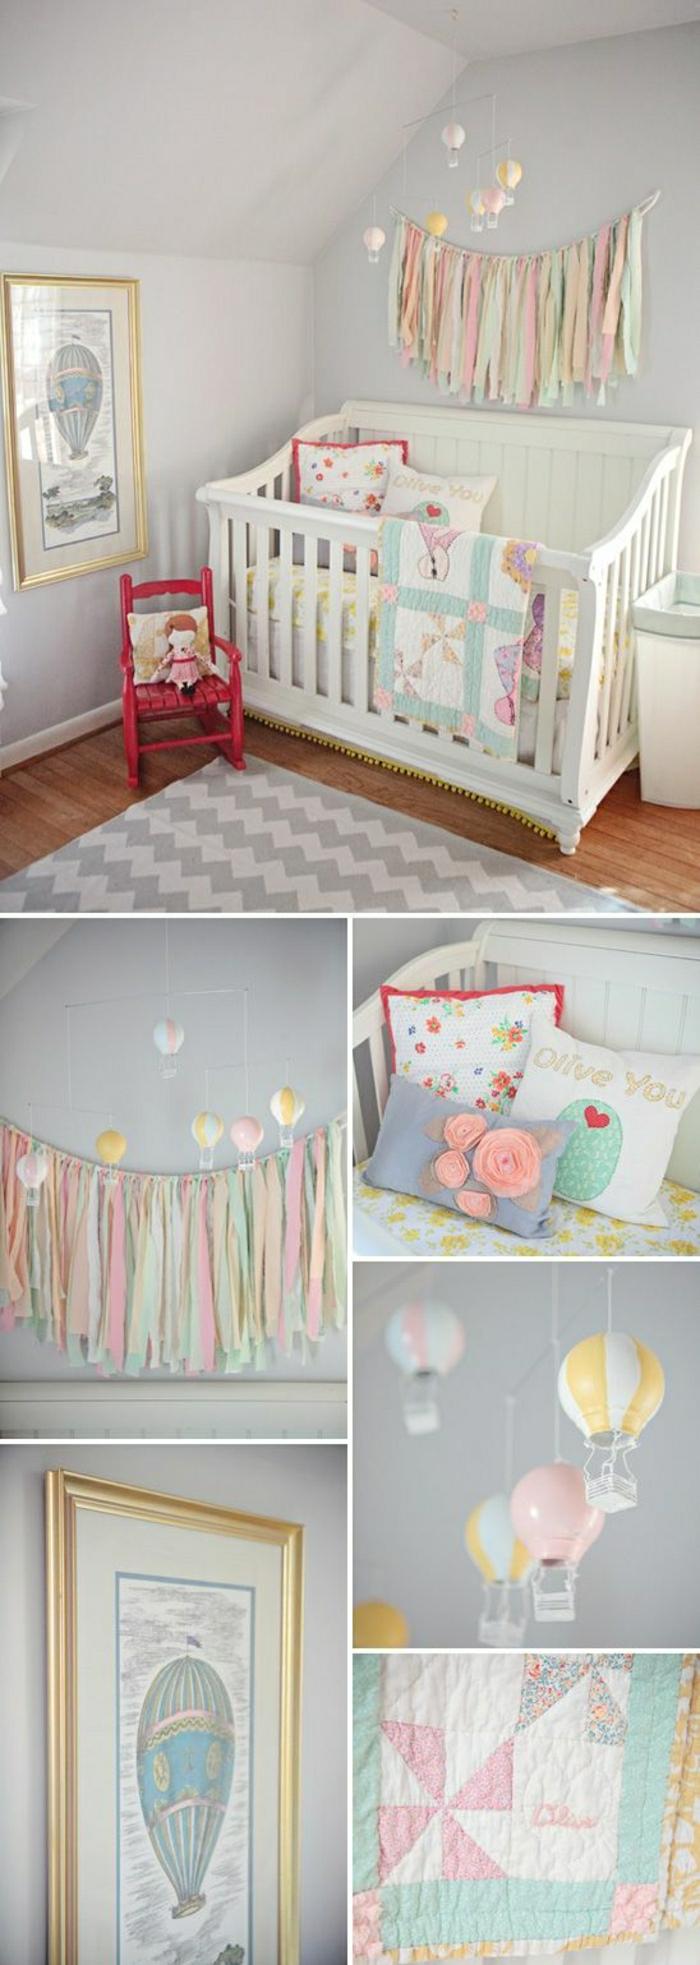 babyzimmer-wand-pastellfarben-farbpaletten-wandfarben-wandgestaltung-mit-farbe-wandgestaltung-ideen